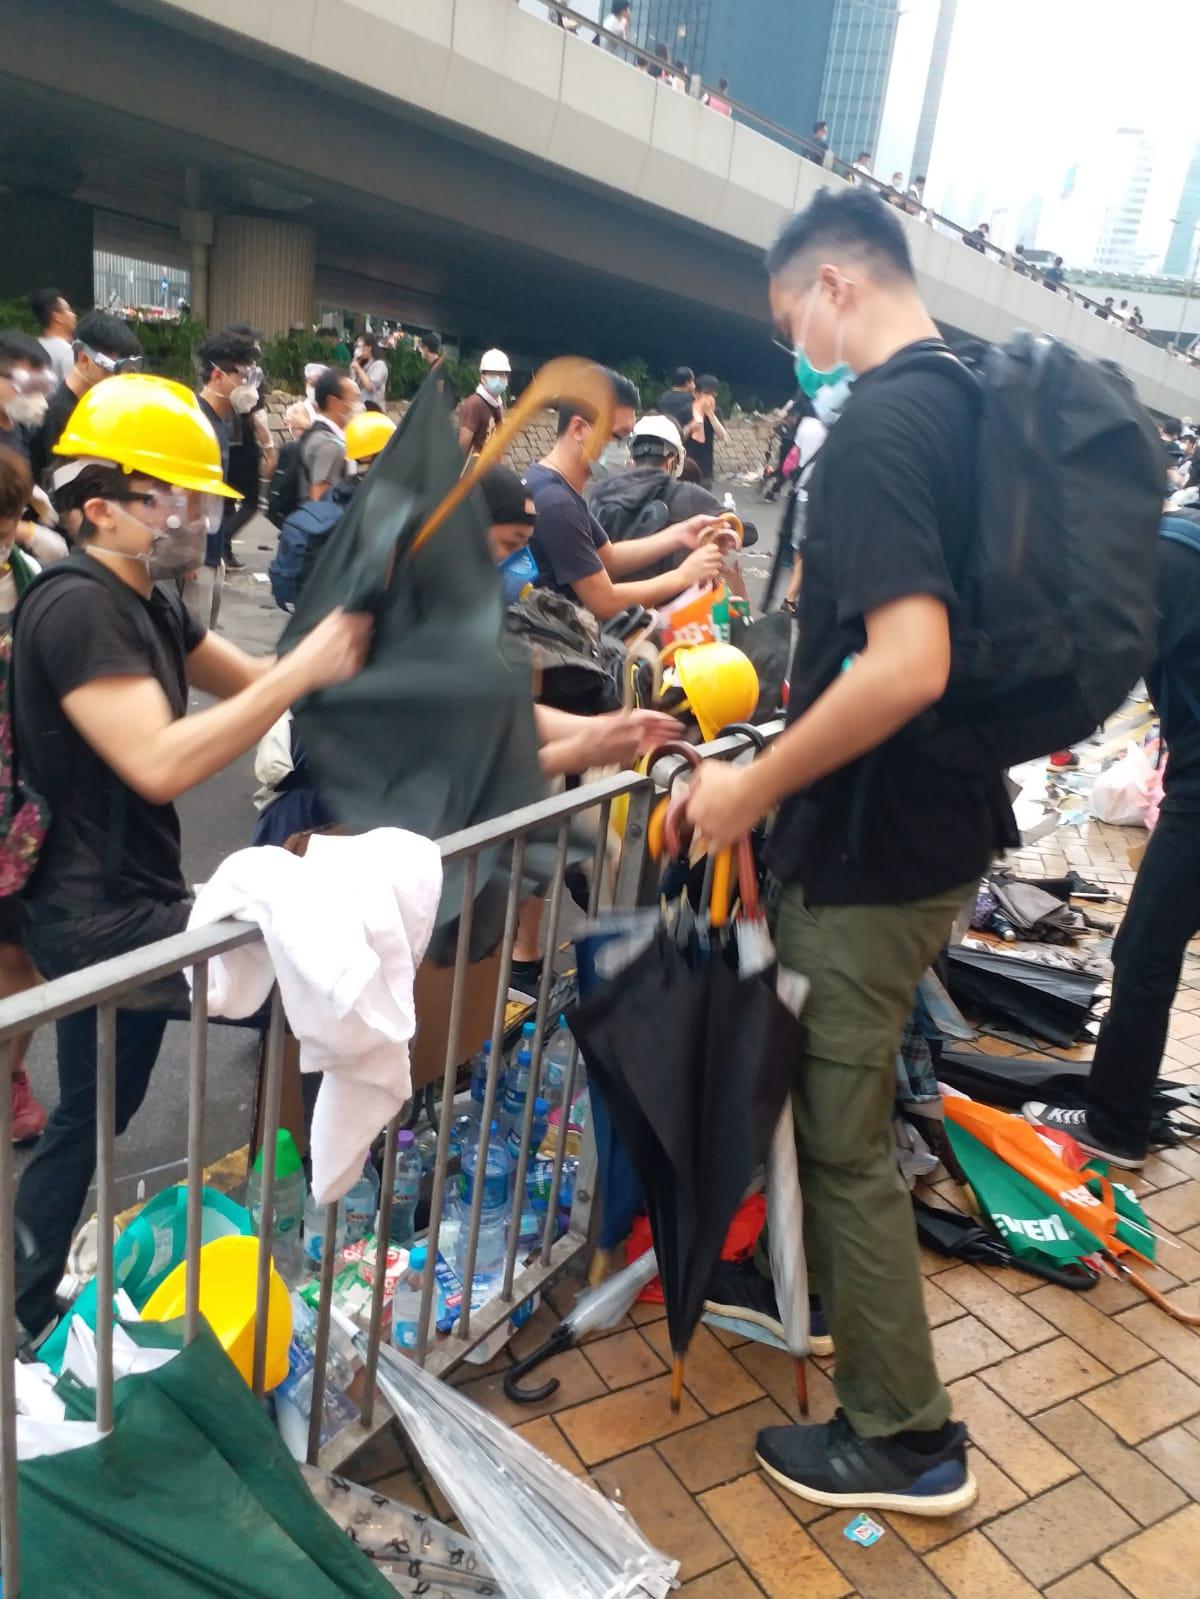 【逃犯條例】警連續施放催淚彈 遠東金融中心成示威者庇護處